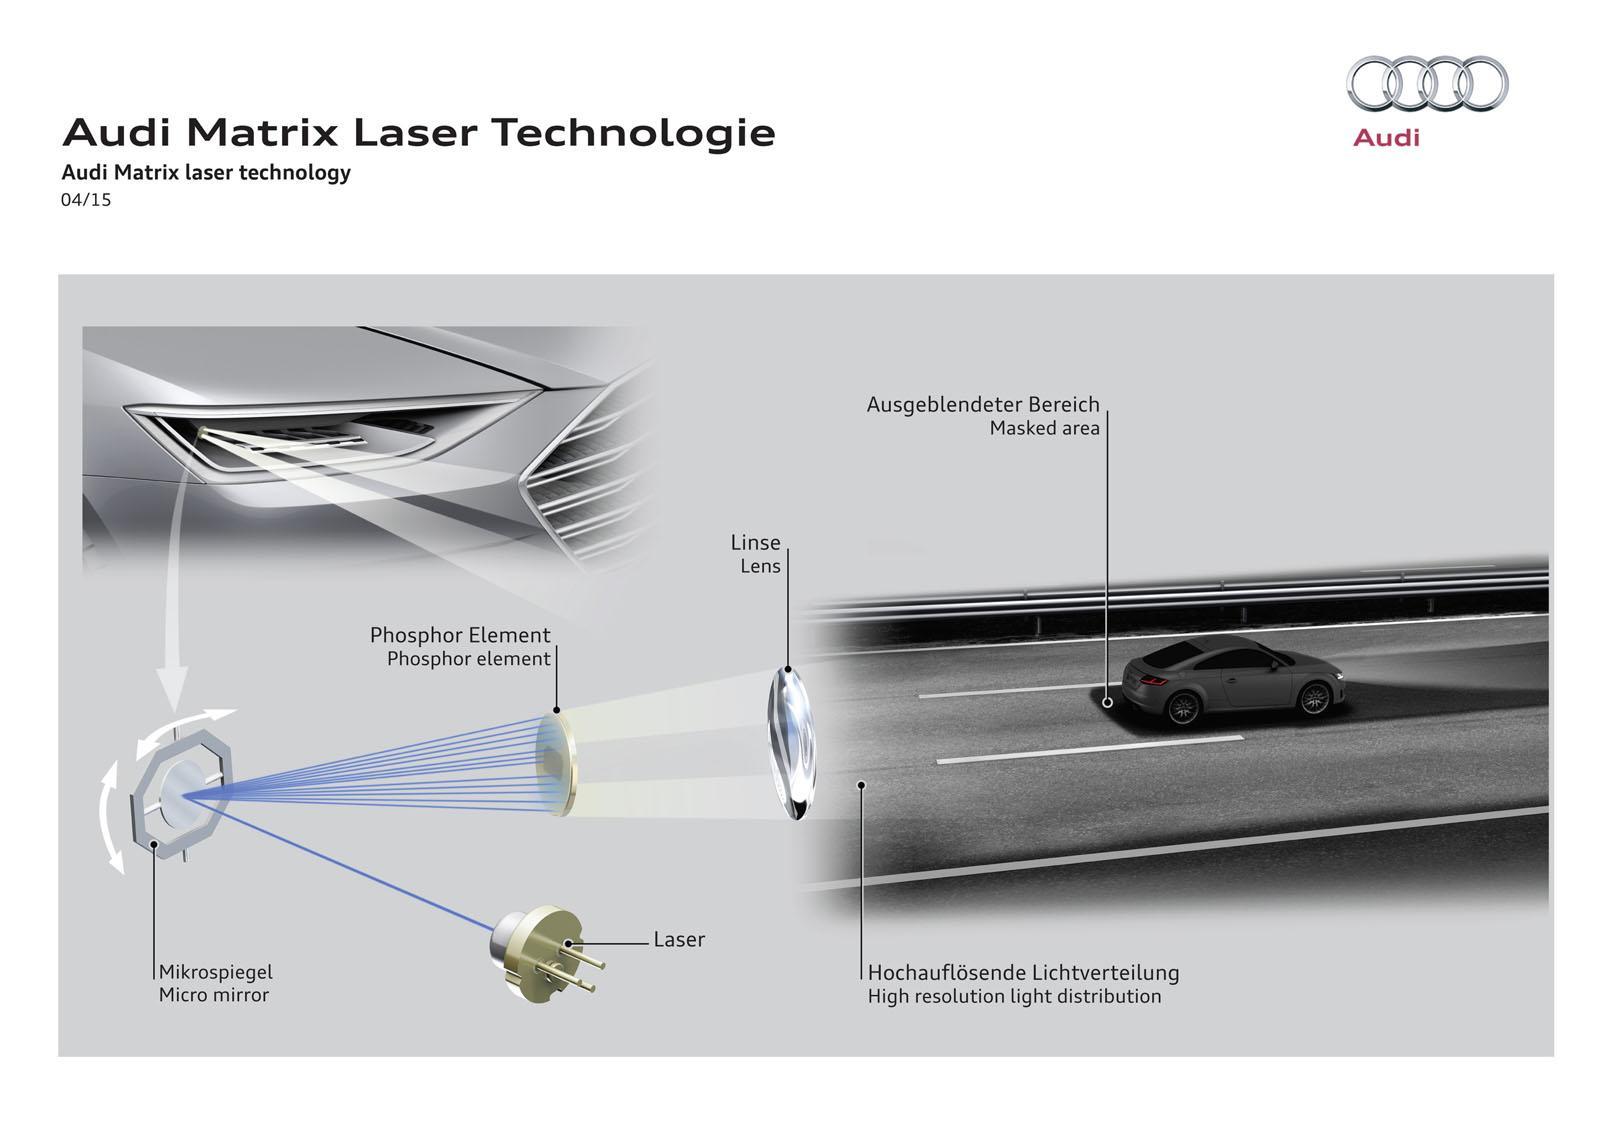 Фары/головная оптика Audi Matrix Laser